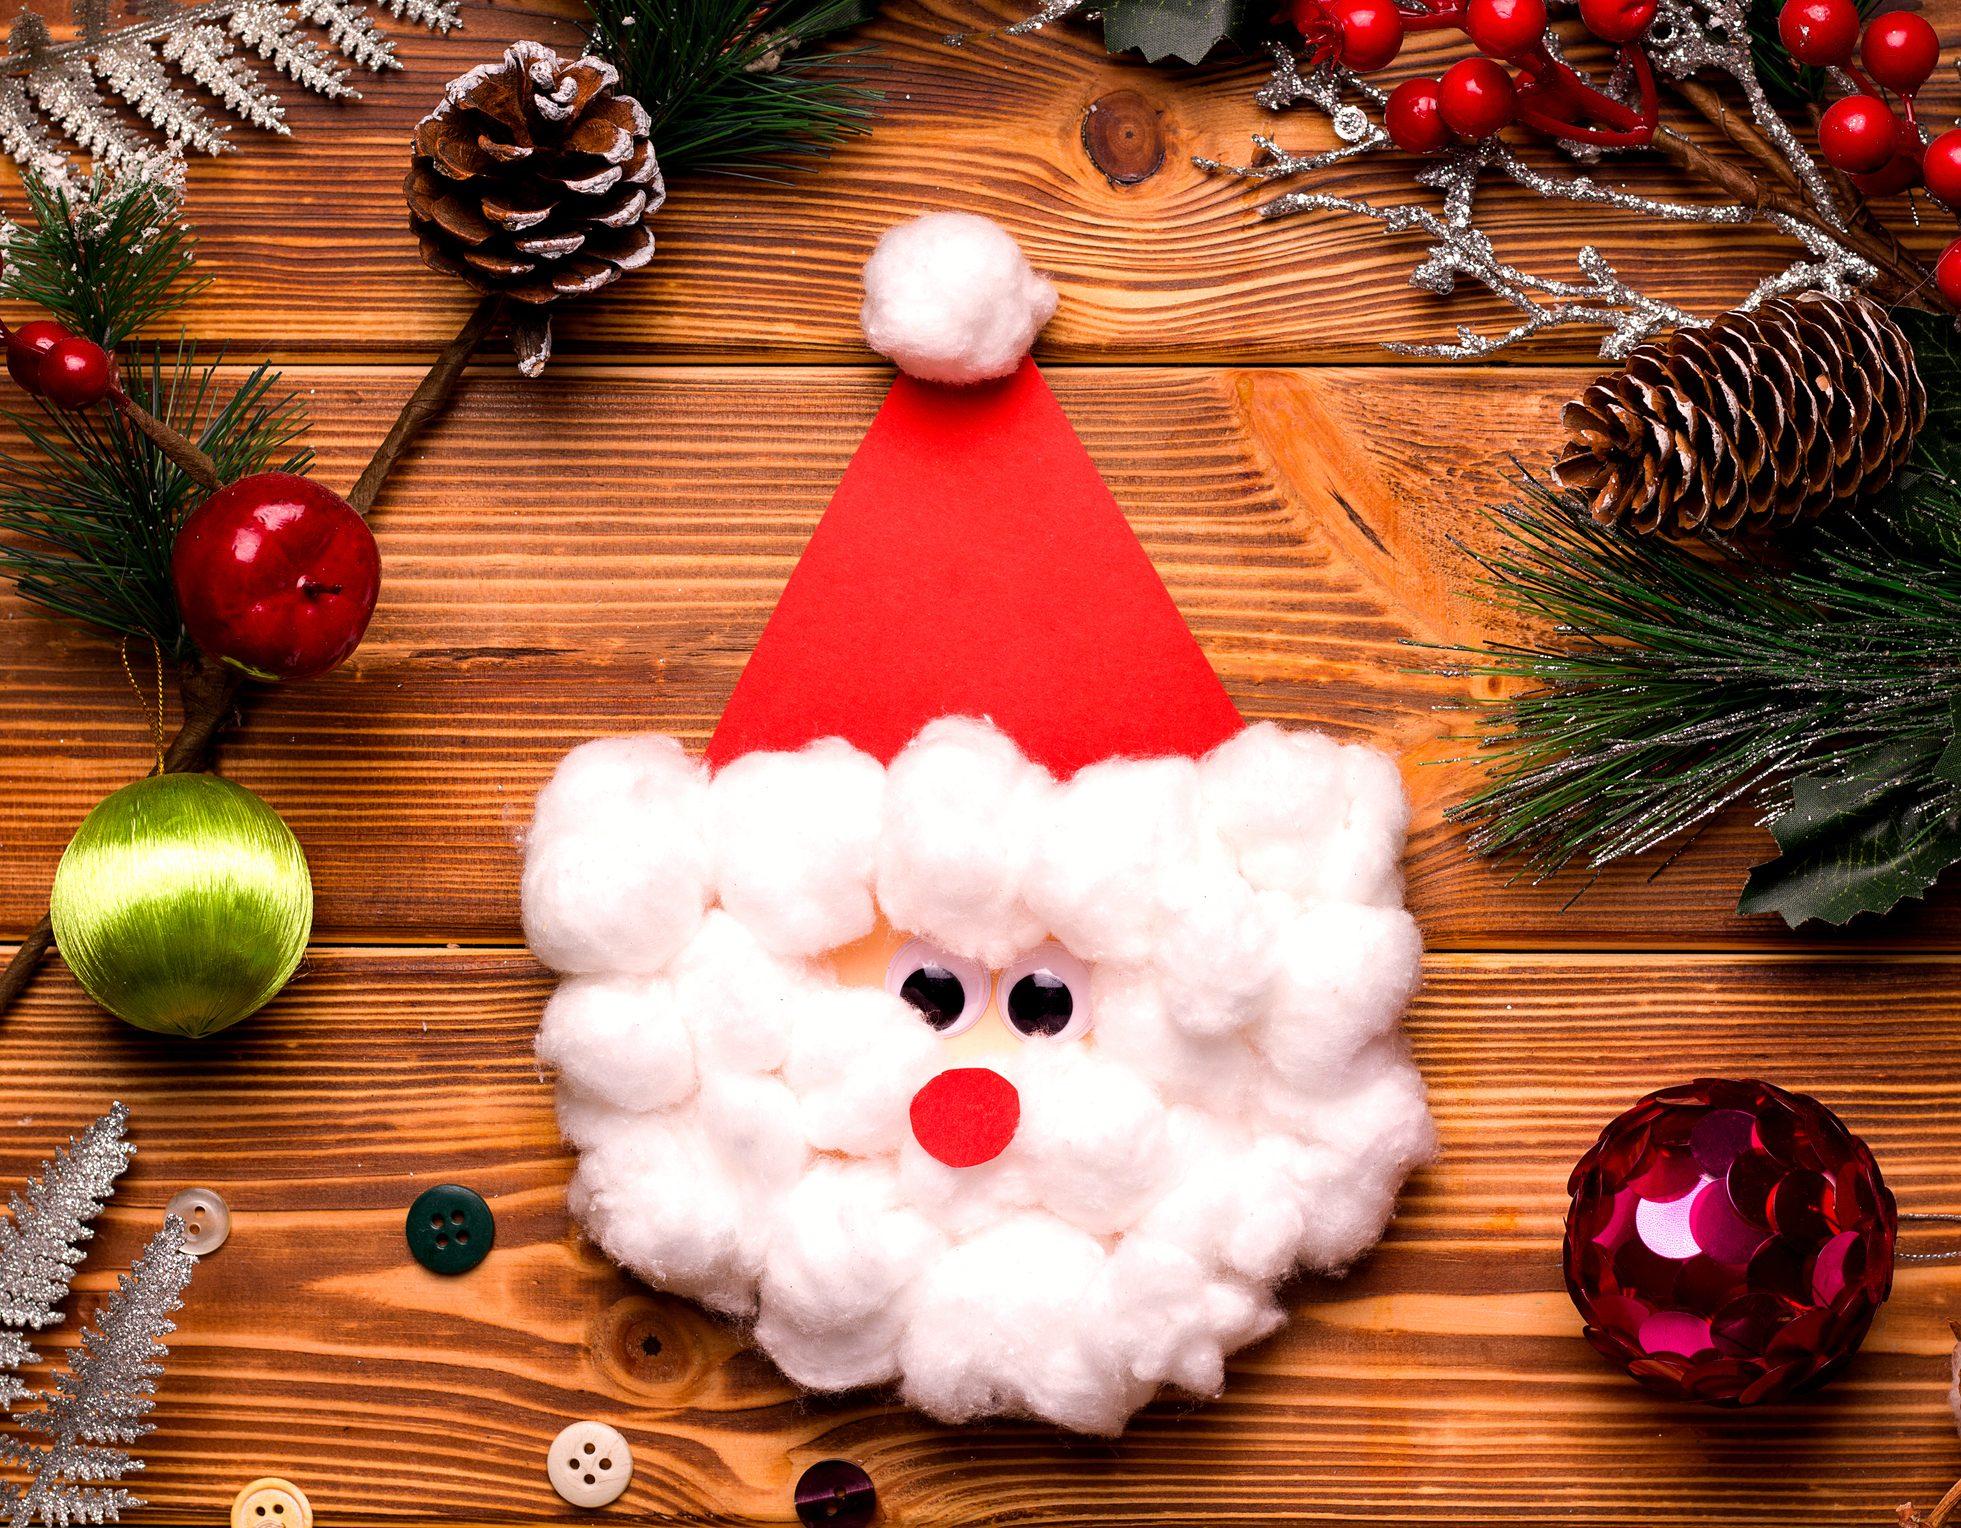 Lavoretti Di Natale Con Babbo Natale.Biglietti Auguri Di Natale Fai Da Te Due Idee Con Babbo Natale Ohga